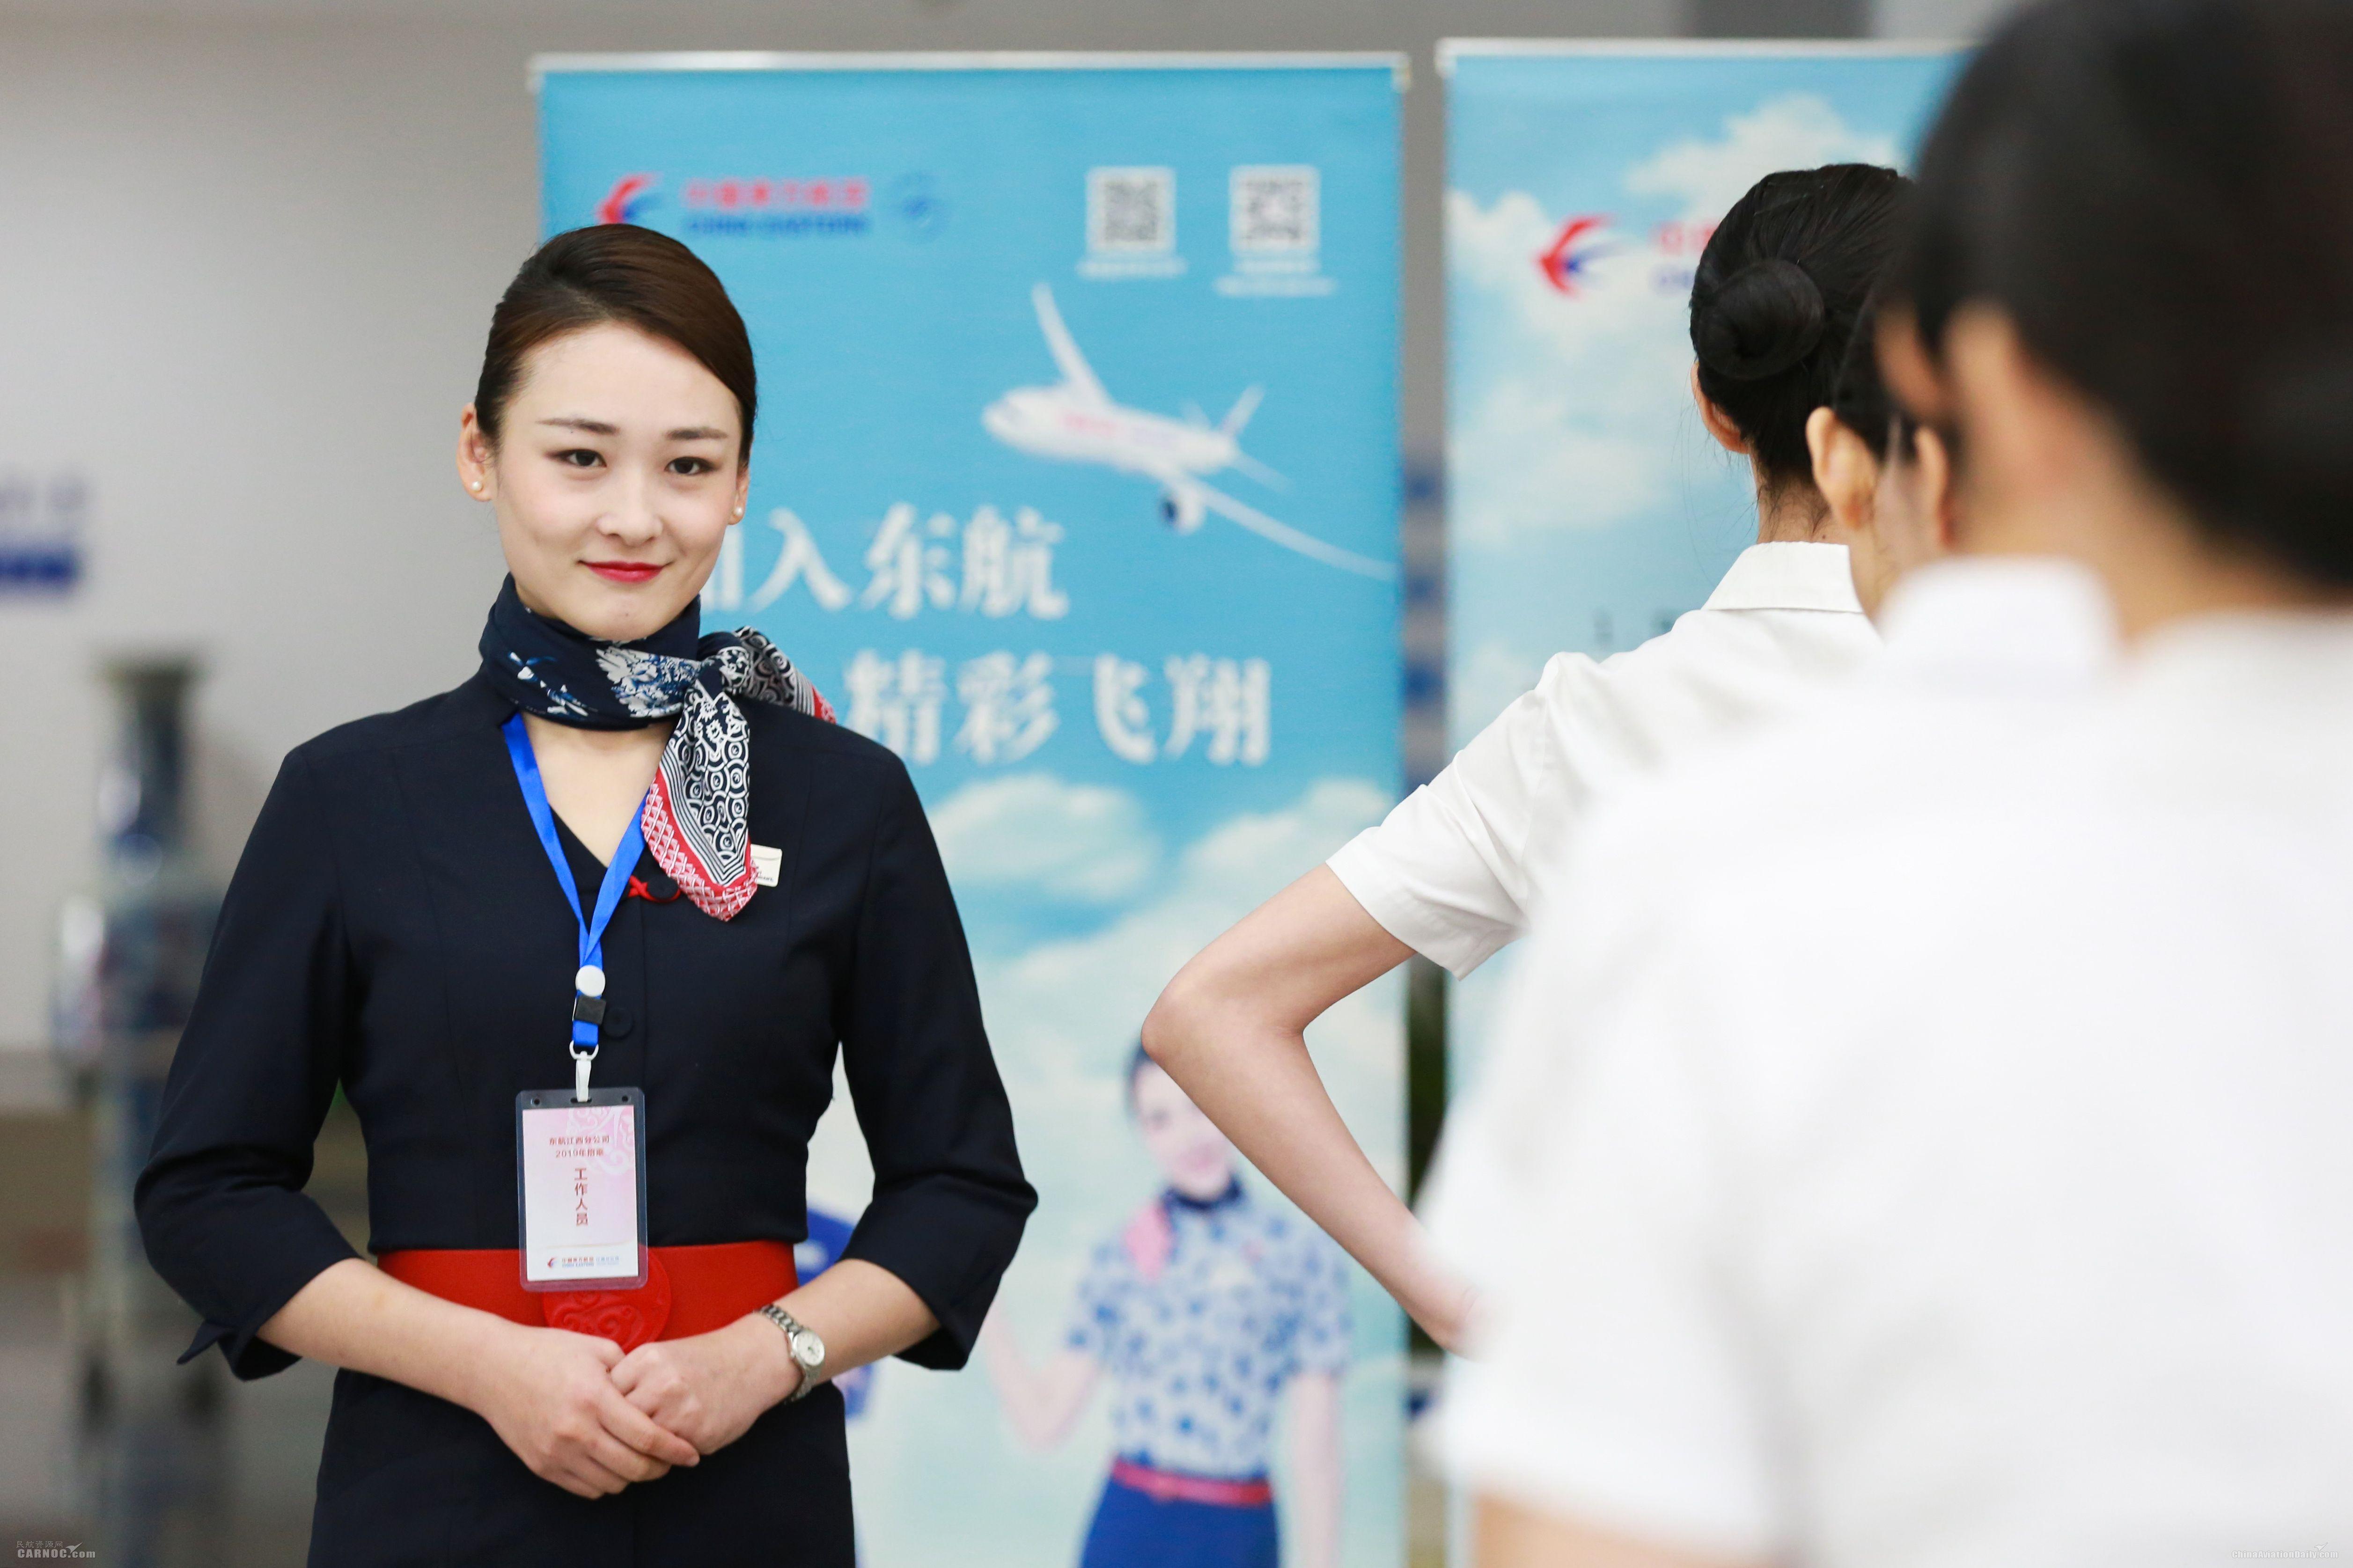 逐梦蓝天 1319人参加东航江西2019年乘务员招聘专场